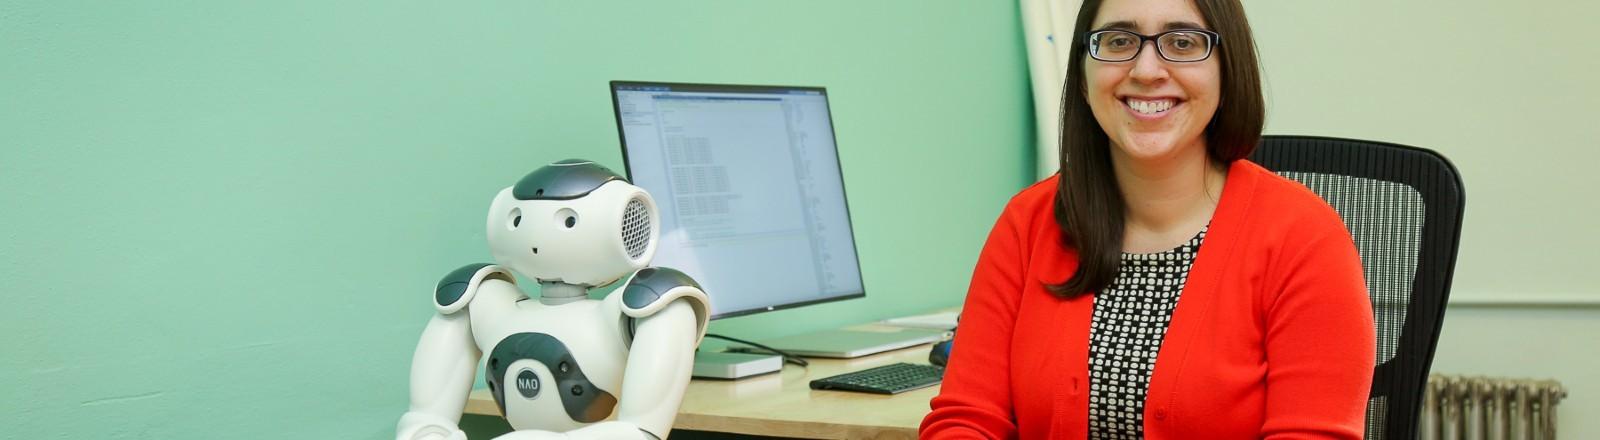 Naomi Fitter sitzt mit dem Roboter an einem Schreibtisch